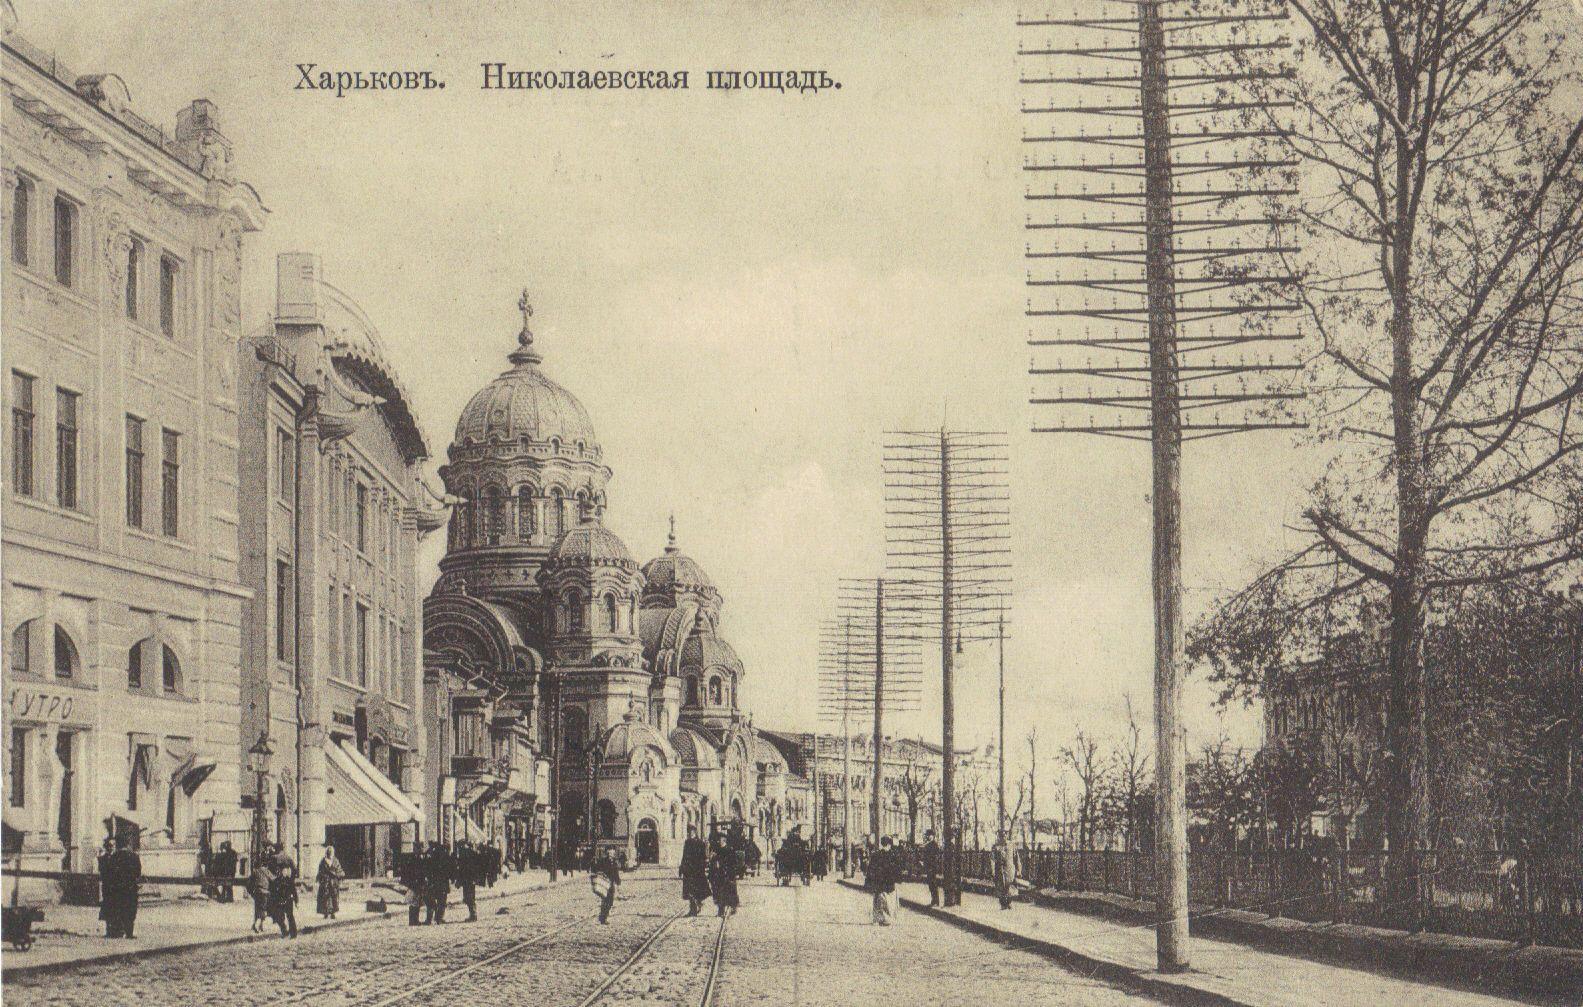 Charkiw, Харьков, Charkow, Ukraine, Straßenpartie, alte Ansichtskarte von 1918 • EUR 23,90 - PicClick DE